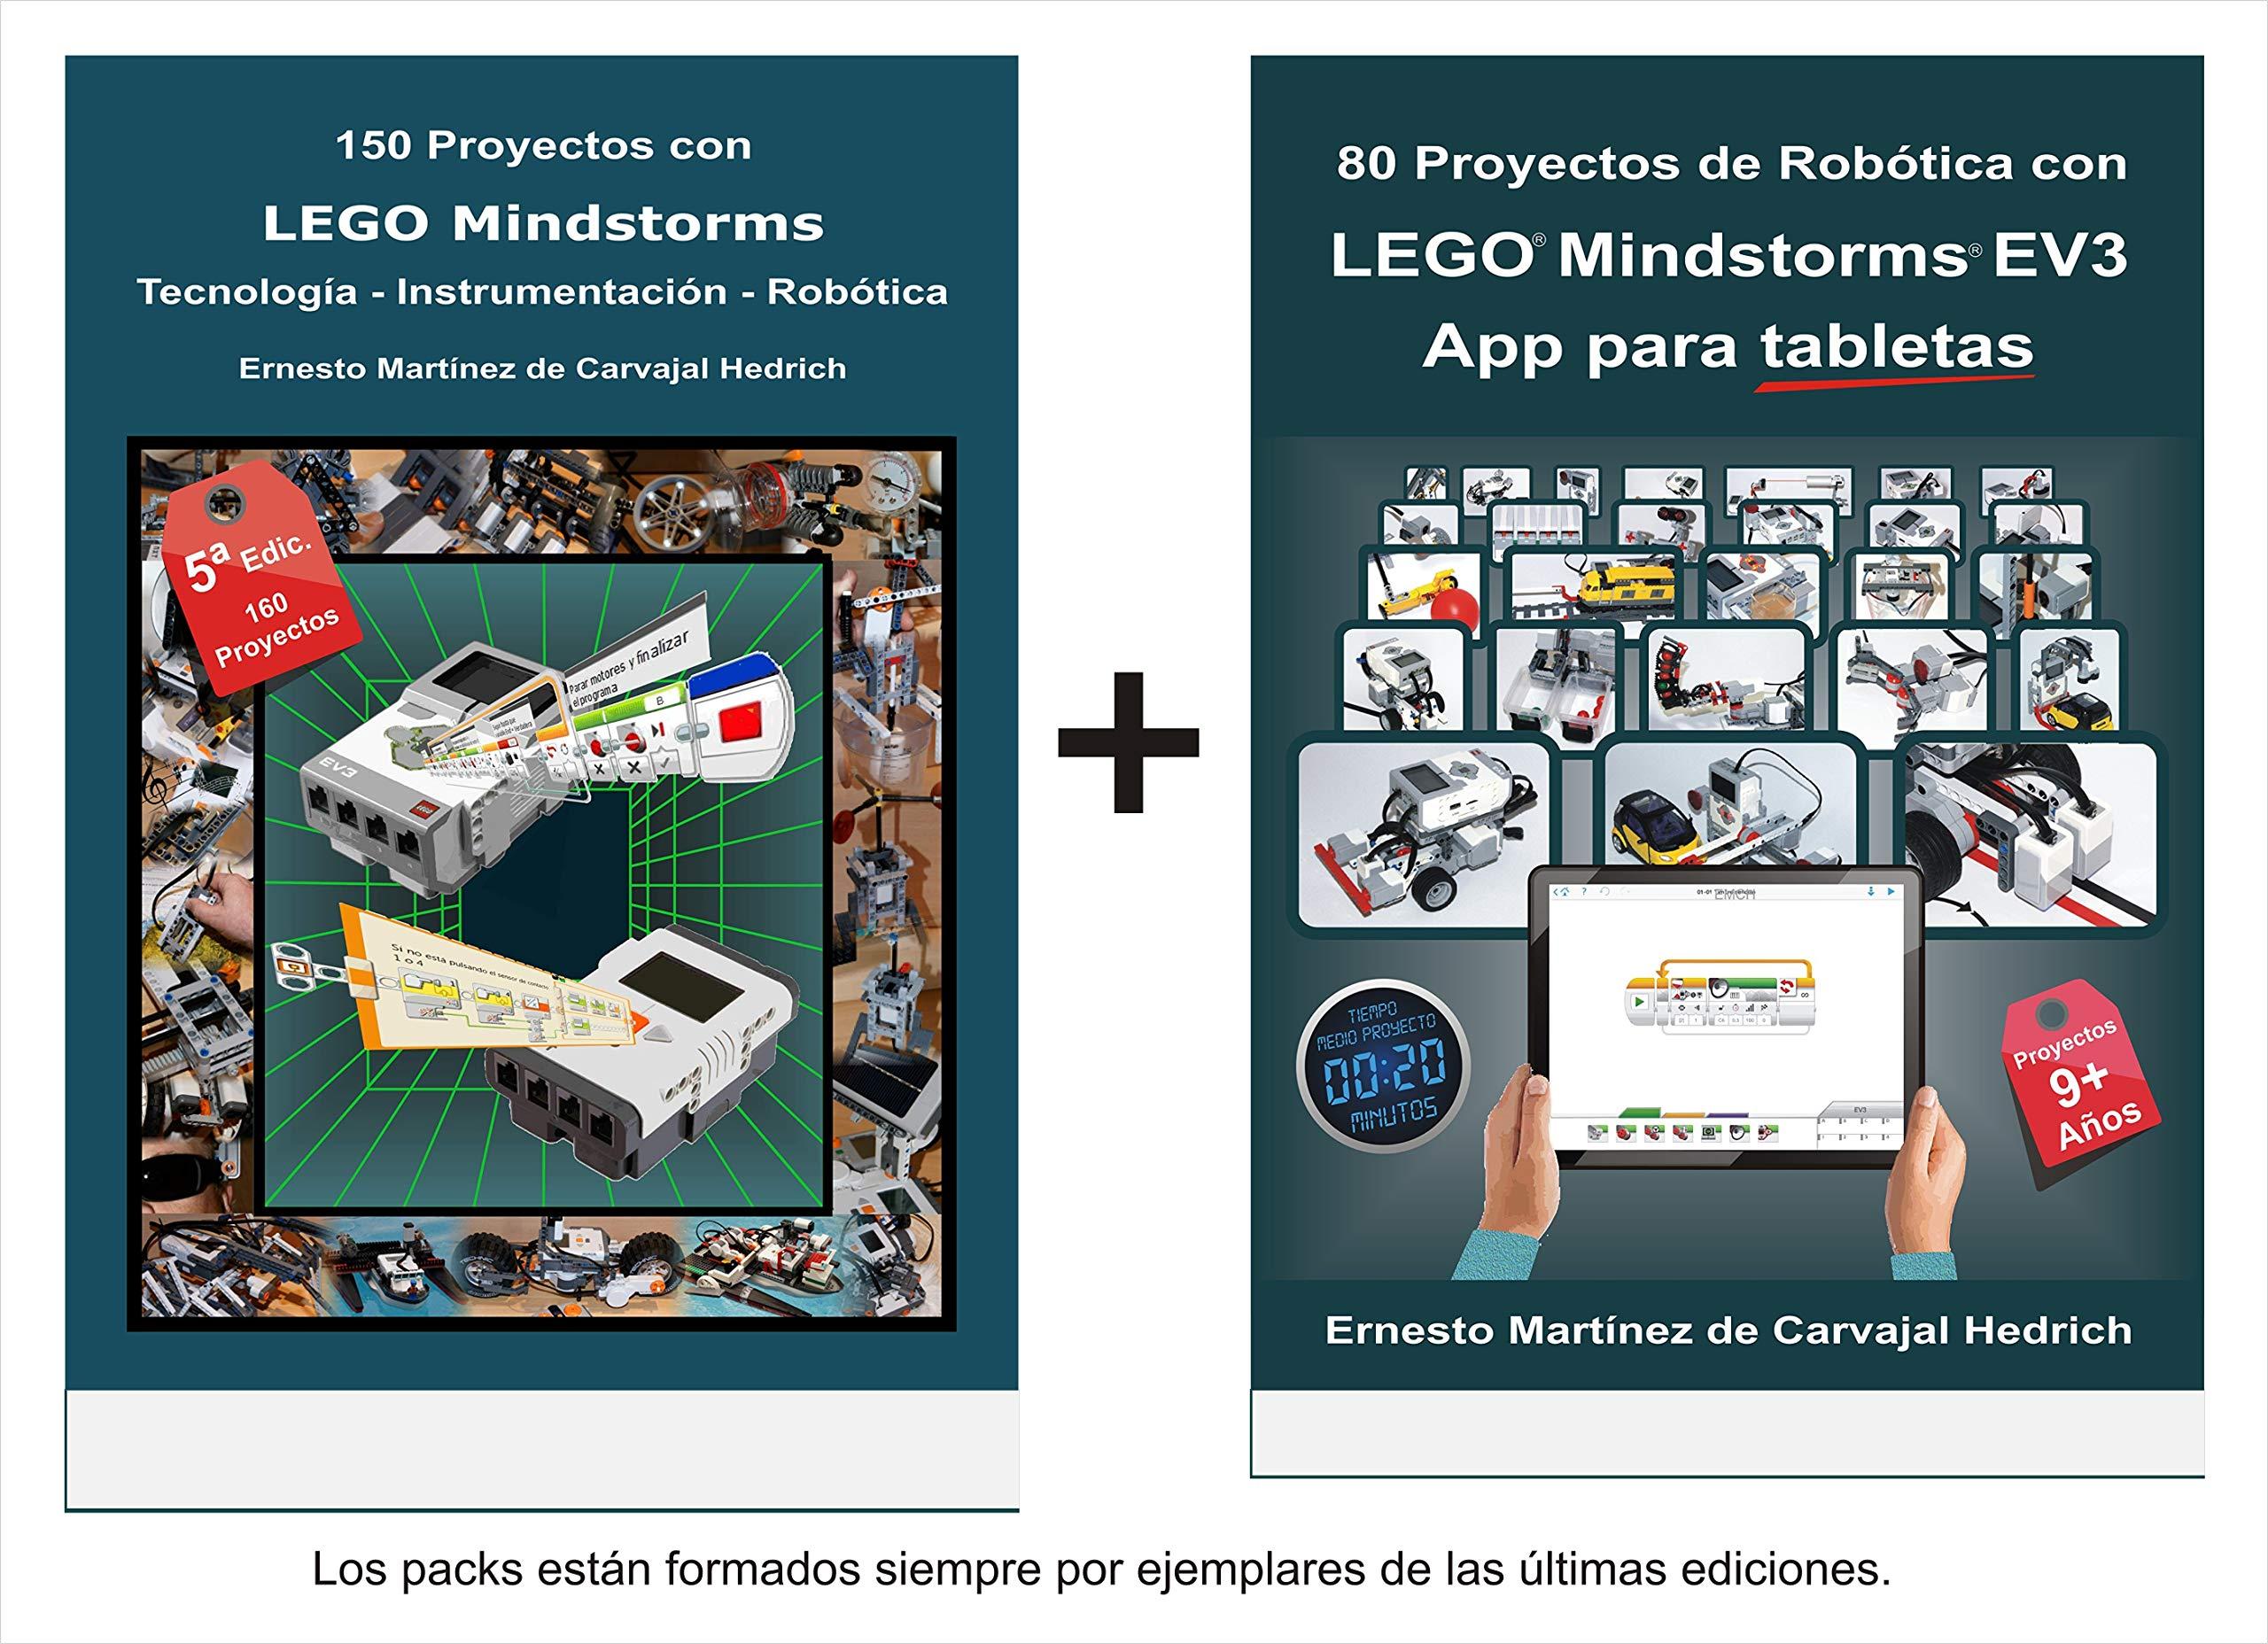 Pack 2 libros LEGO: 80 Proyectos de Robótica con LEGO MINDSTORMS EV3 App para tabletas + 150 Proyectos con LEGO Mindstorms: Amazon.es: Ernesto Martínez de Carvajal Hedrich: Libros